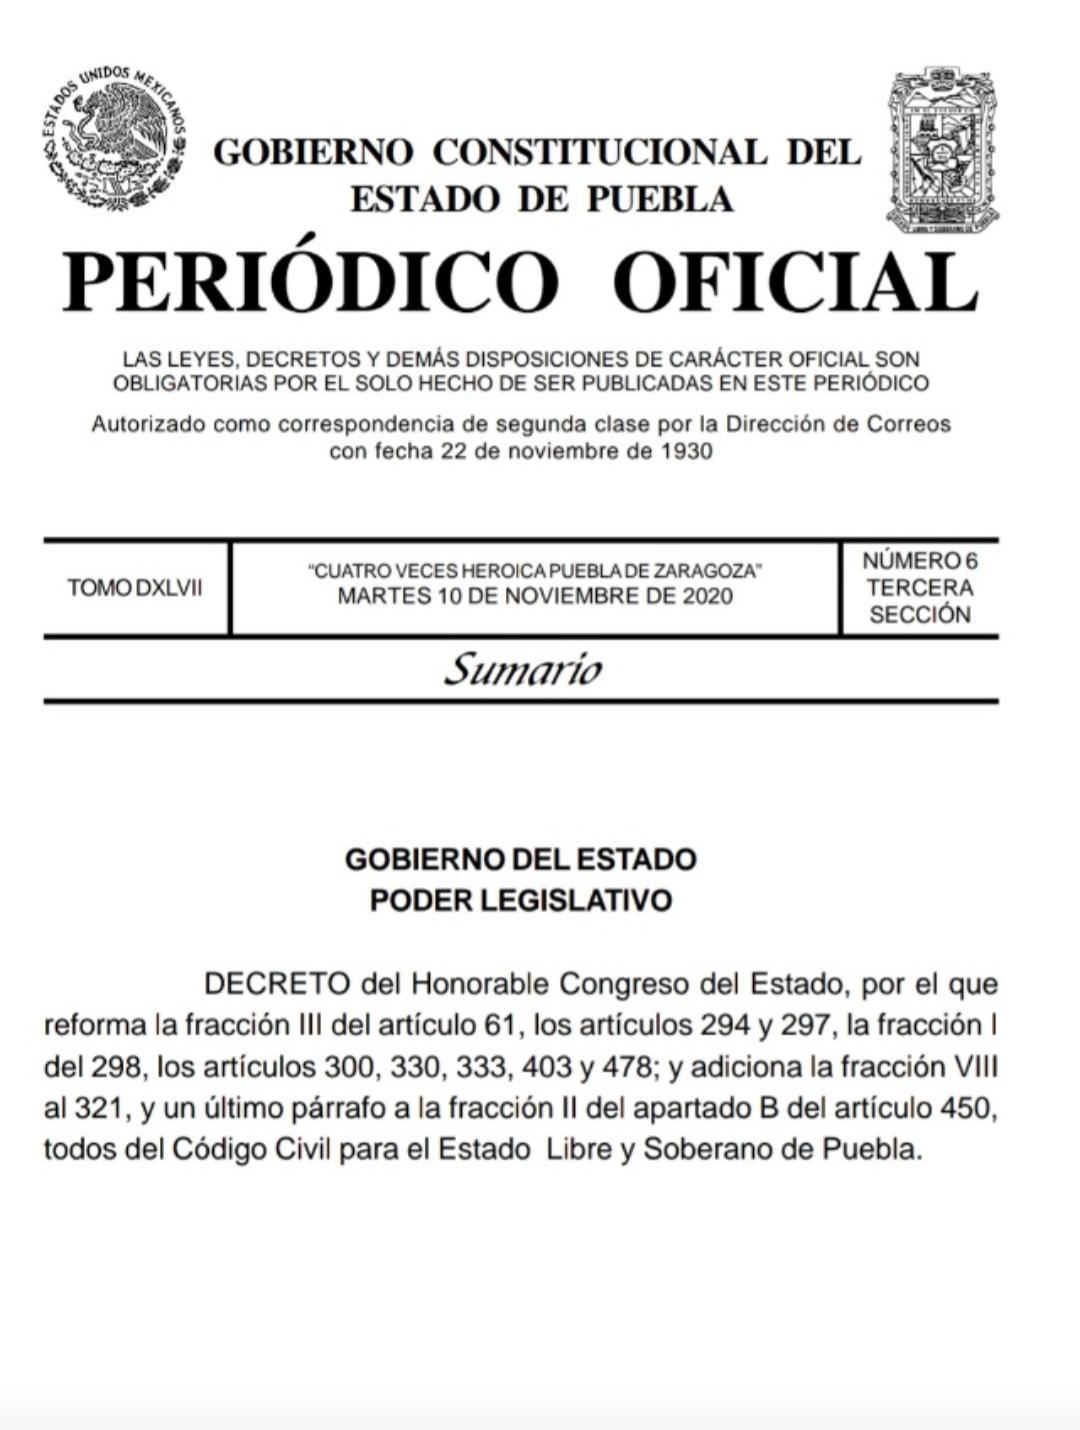 Ya es legal el matrimonio entre personas del mismo sexo en Puebla